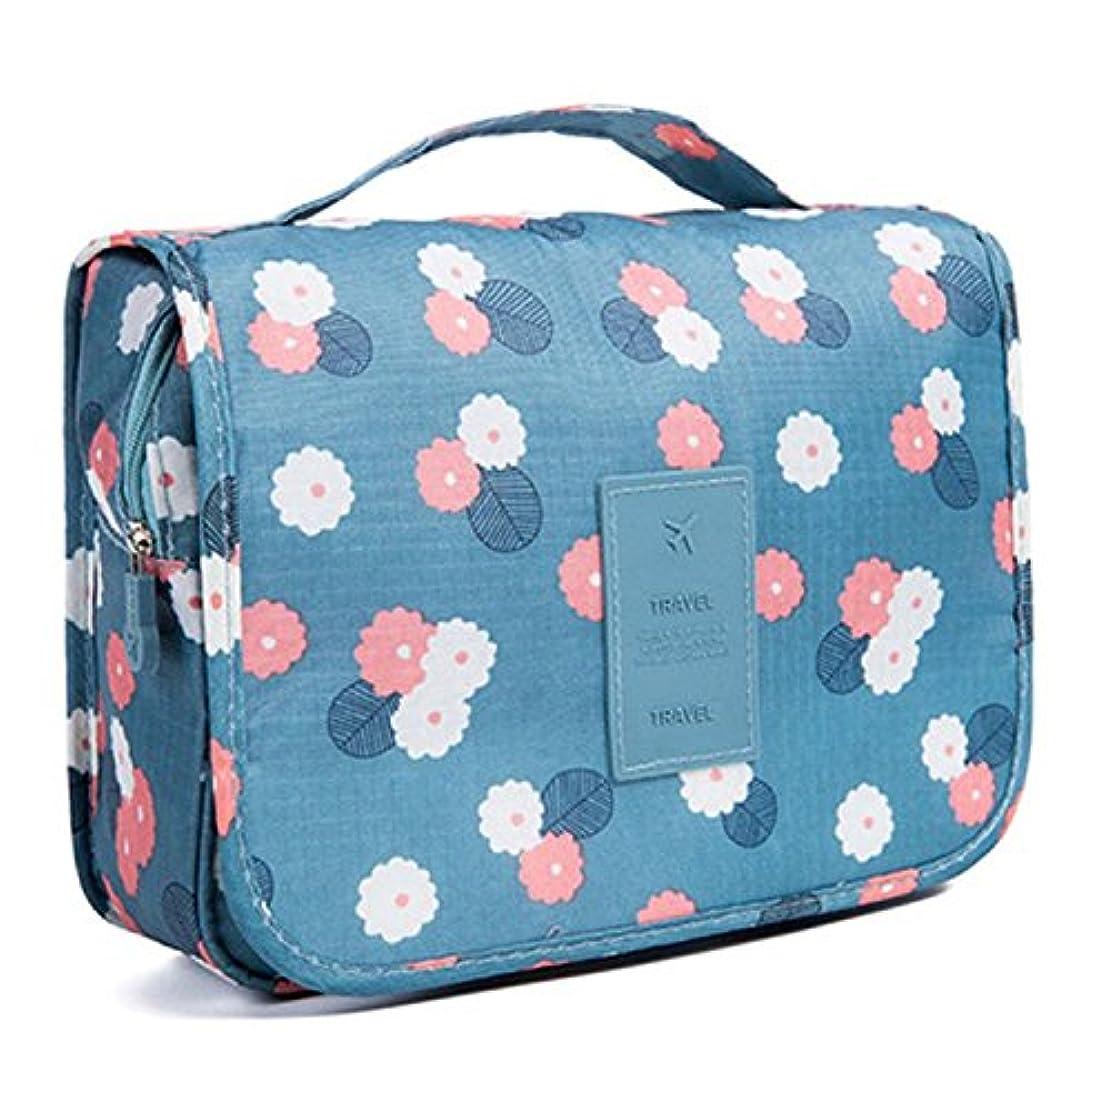 抜本的な傑出した小競り合いFuCaiLai Toiletry Bags Multifunction Cosmetic Bag Portable Makeup Pouch Travel Hanging Organizer Bag for Women...